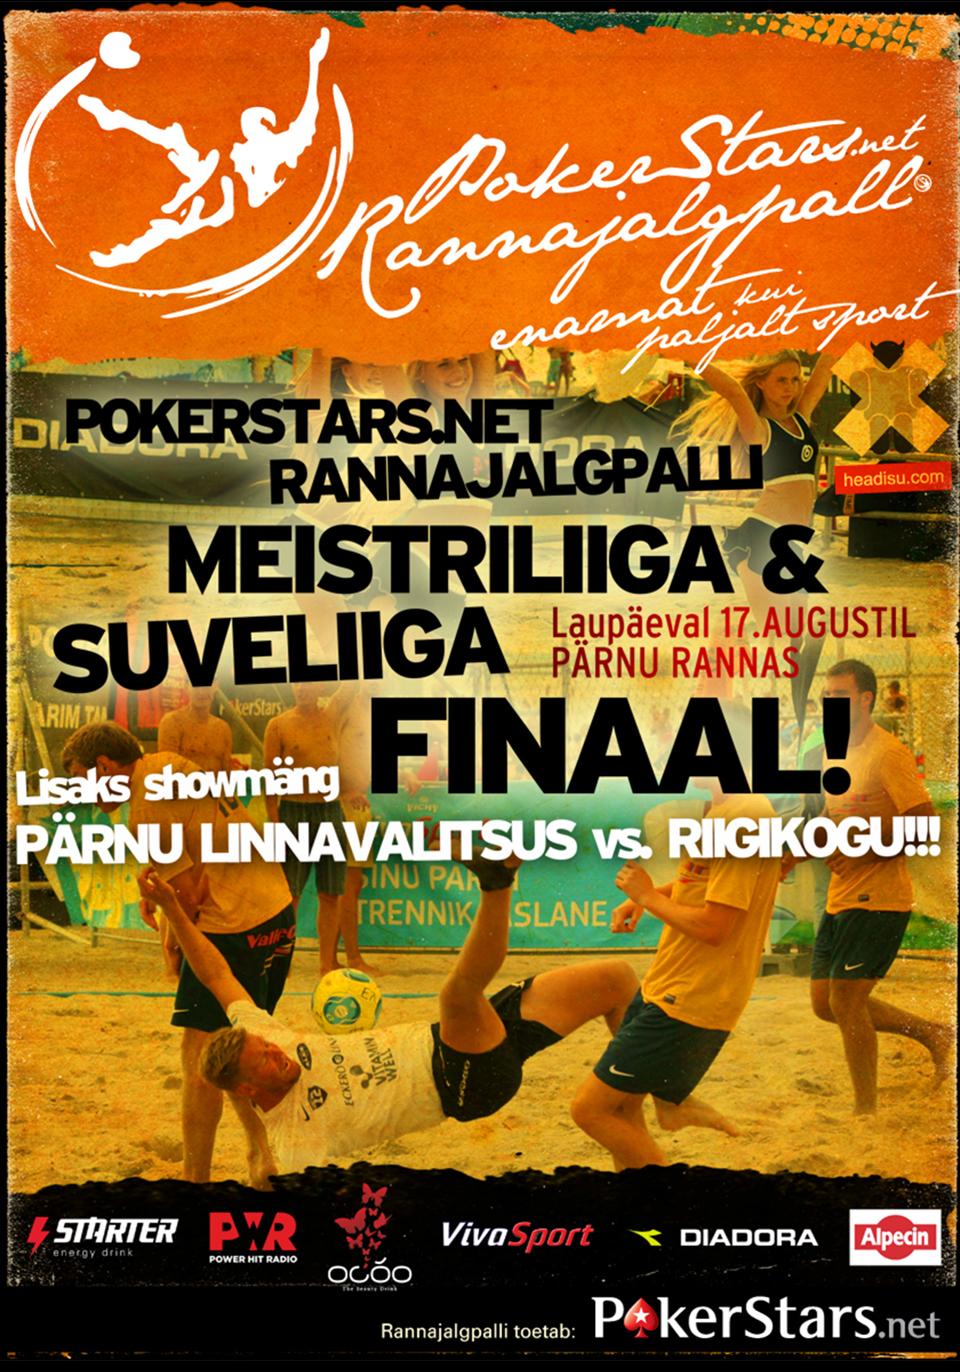 Rannajalgpall-poster-5